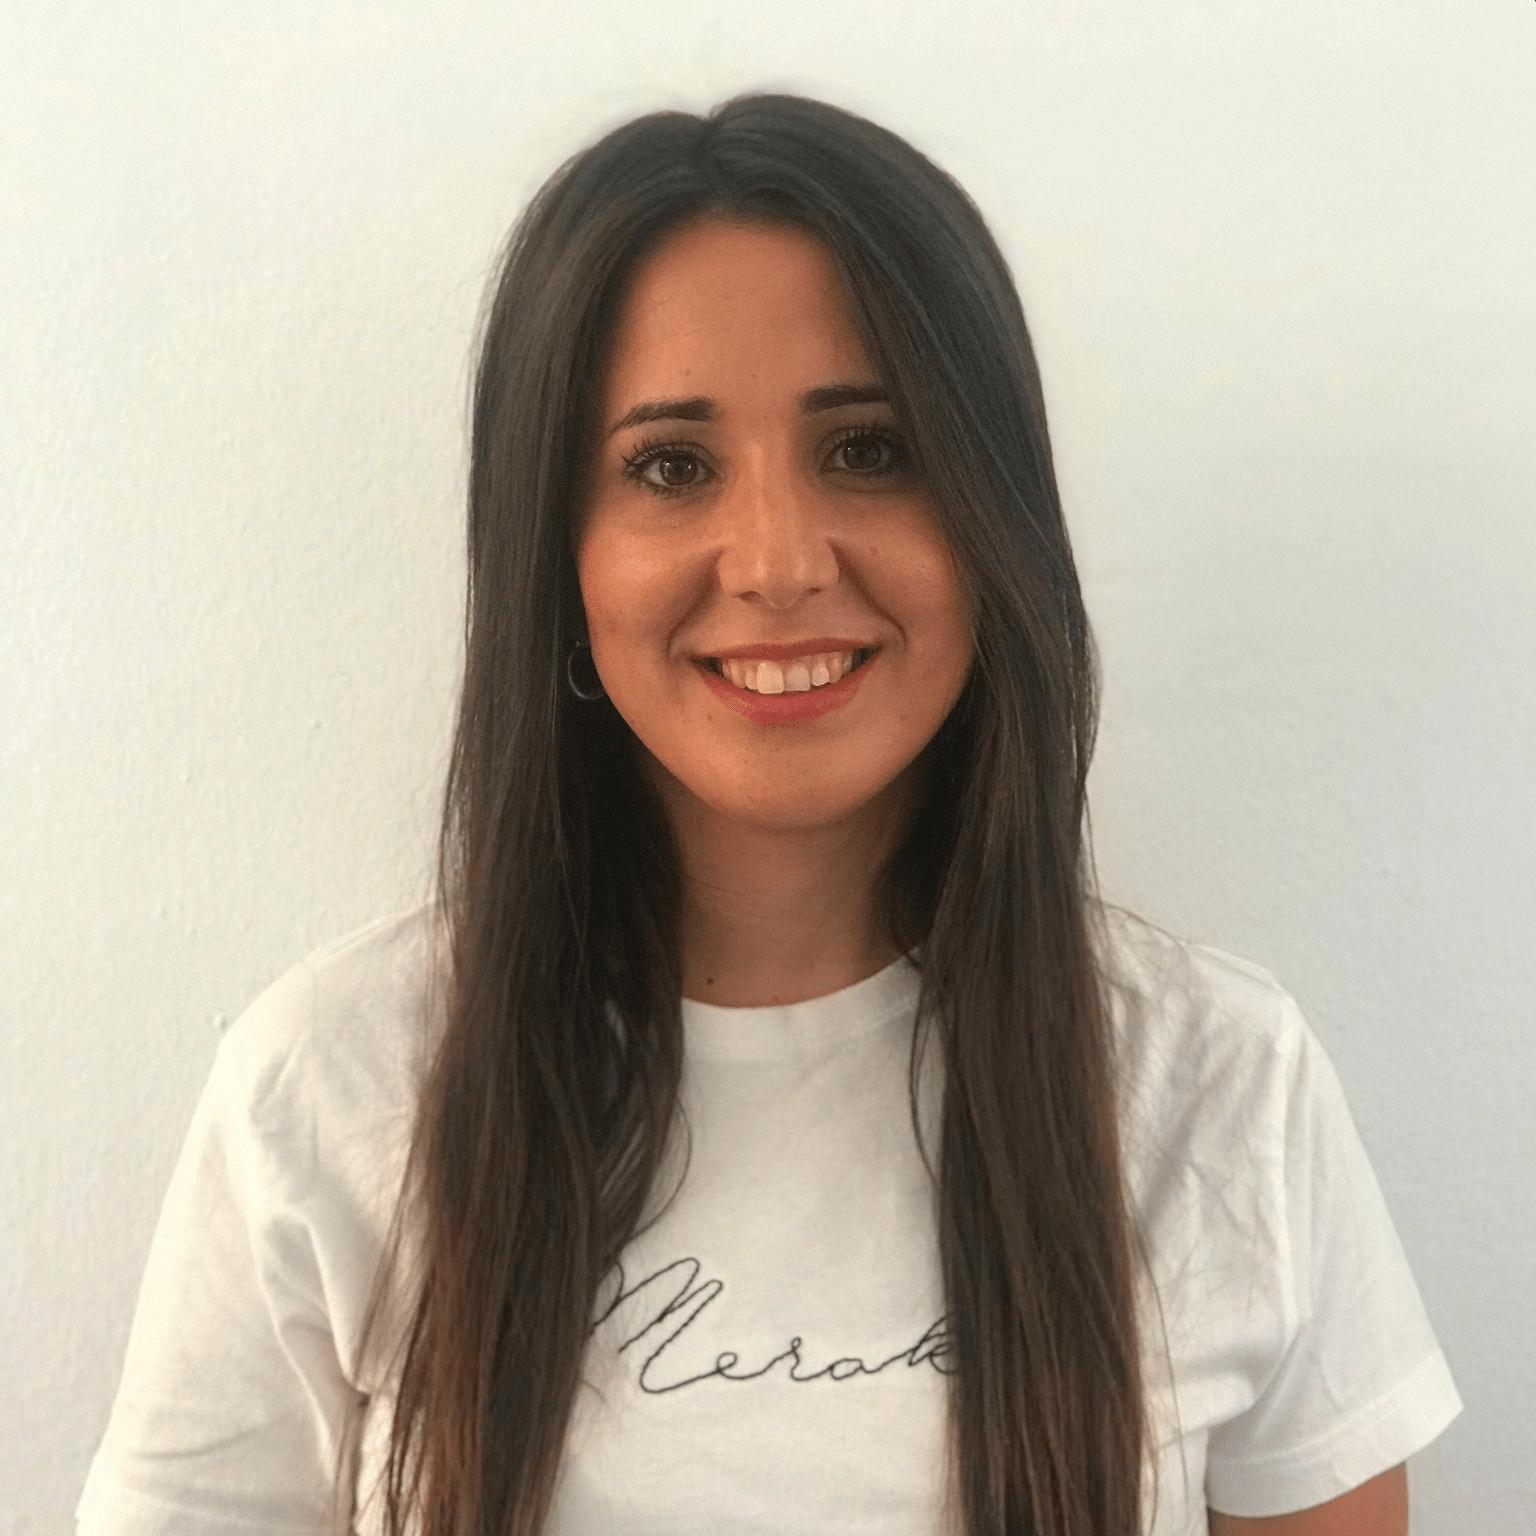 Raquel Baena